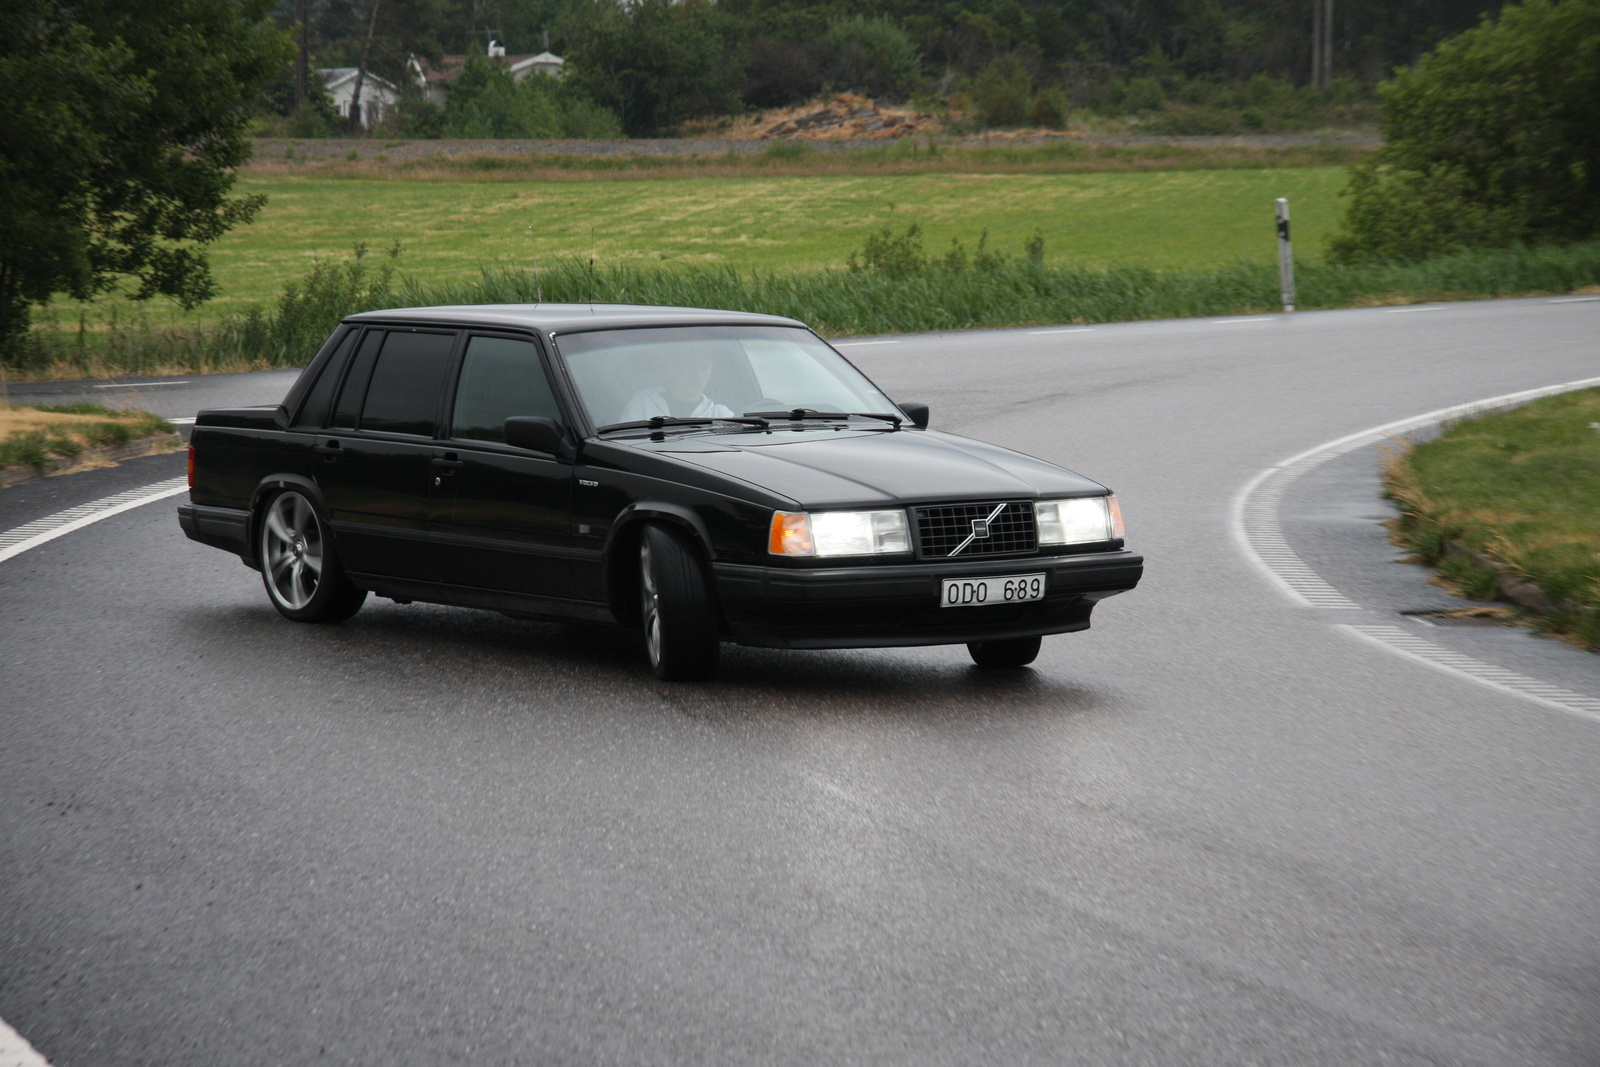 1990 Volvo 740 Pictures Cargurus